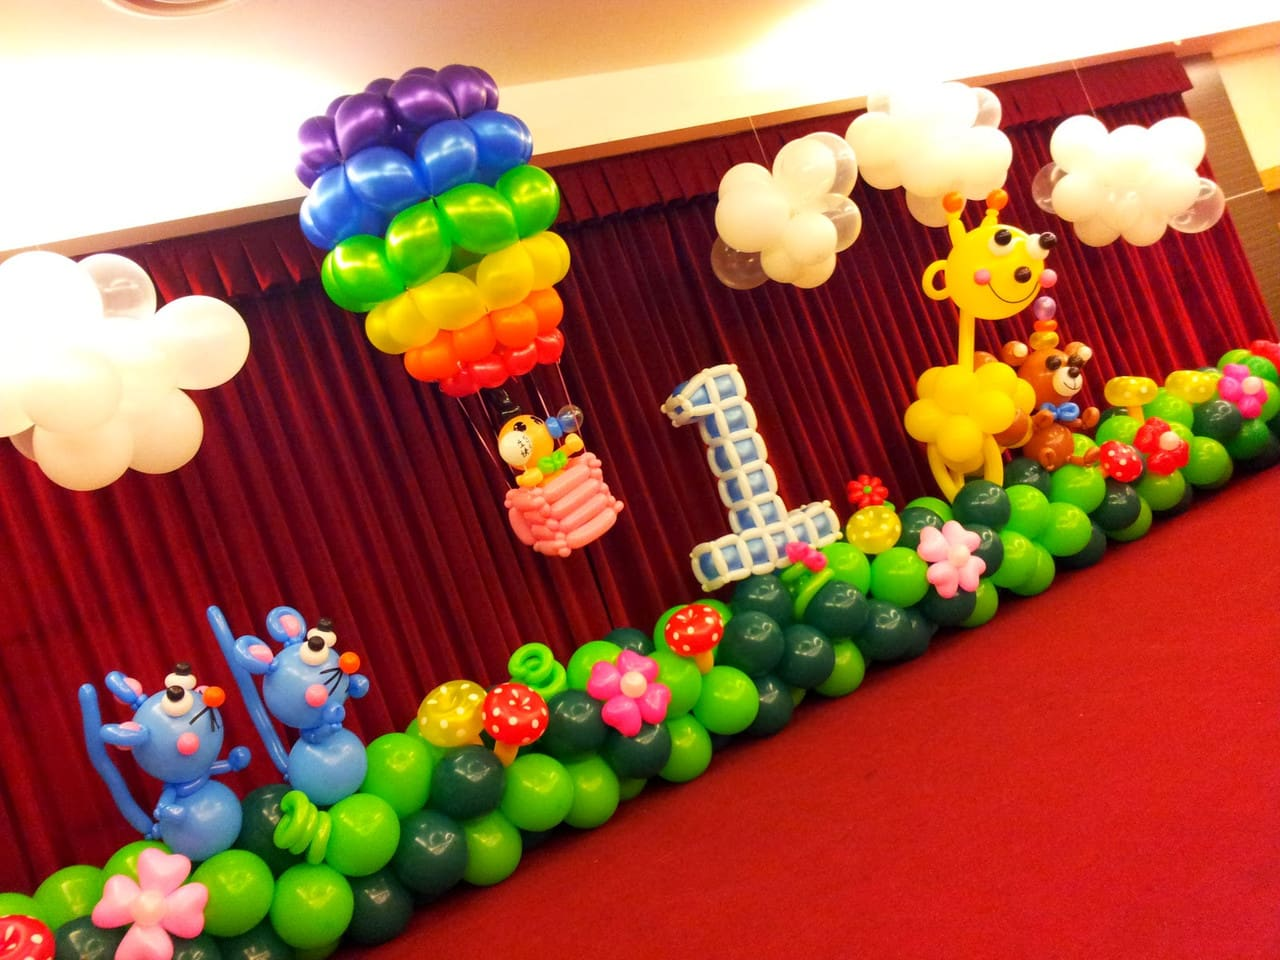 Как можно использовать воздушные шары на празднике?